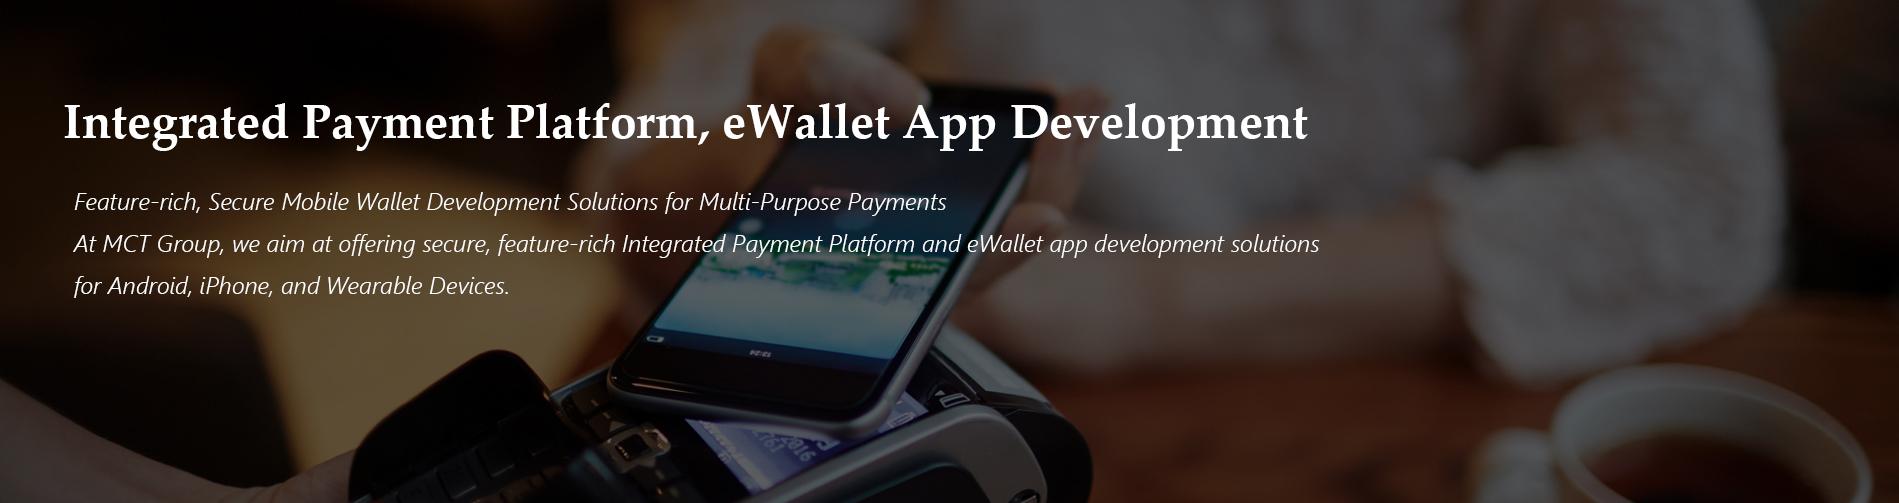 Fin_Tech development